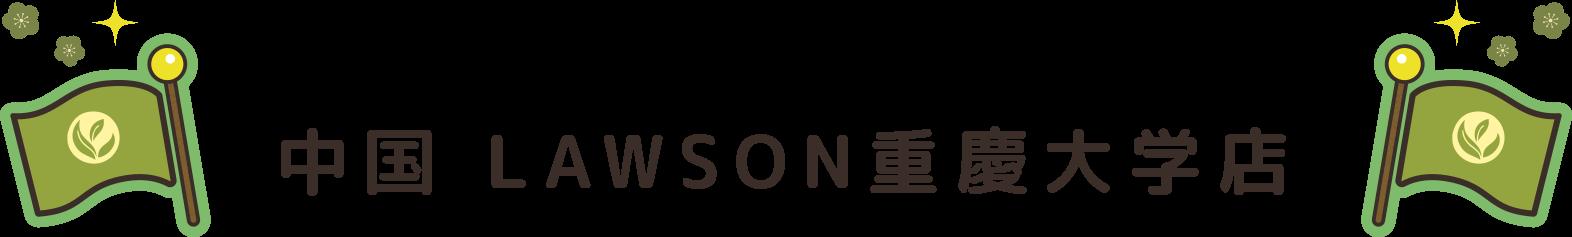 中国 LAWSON重慶大学店